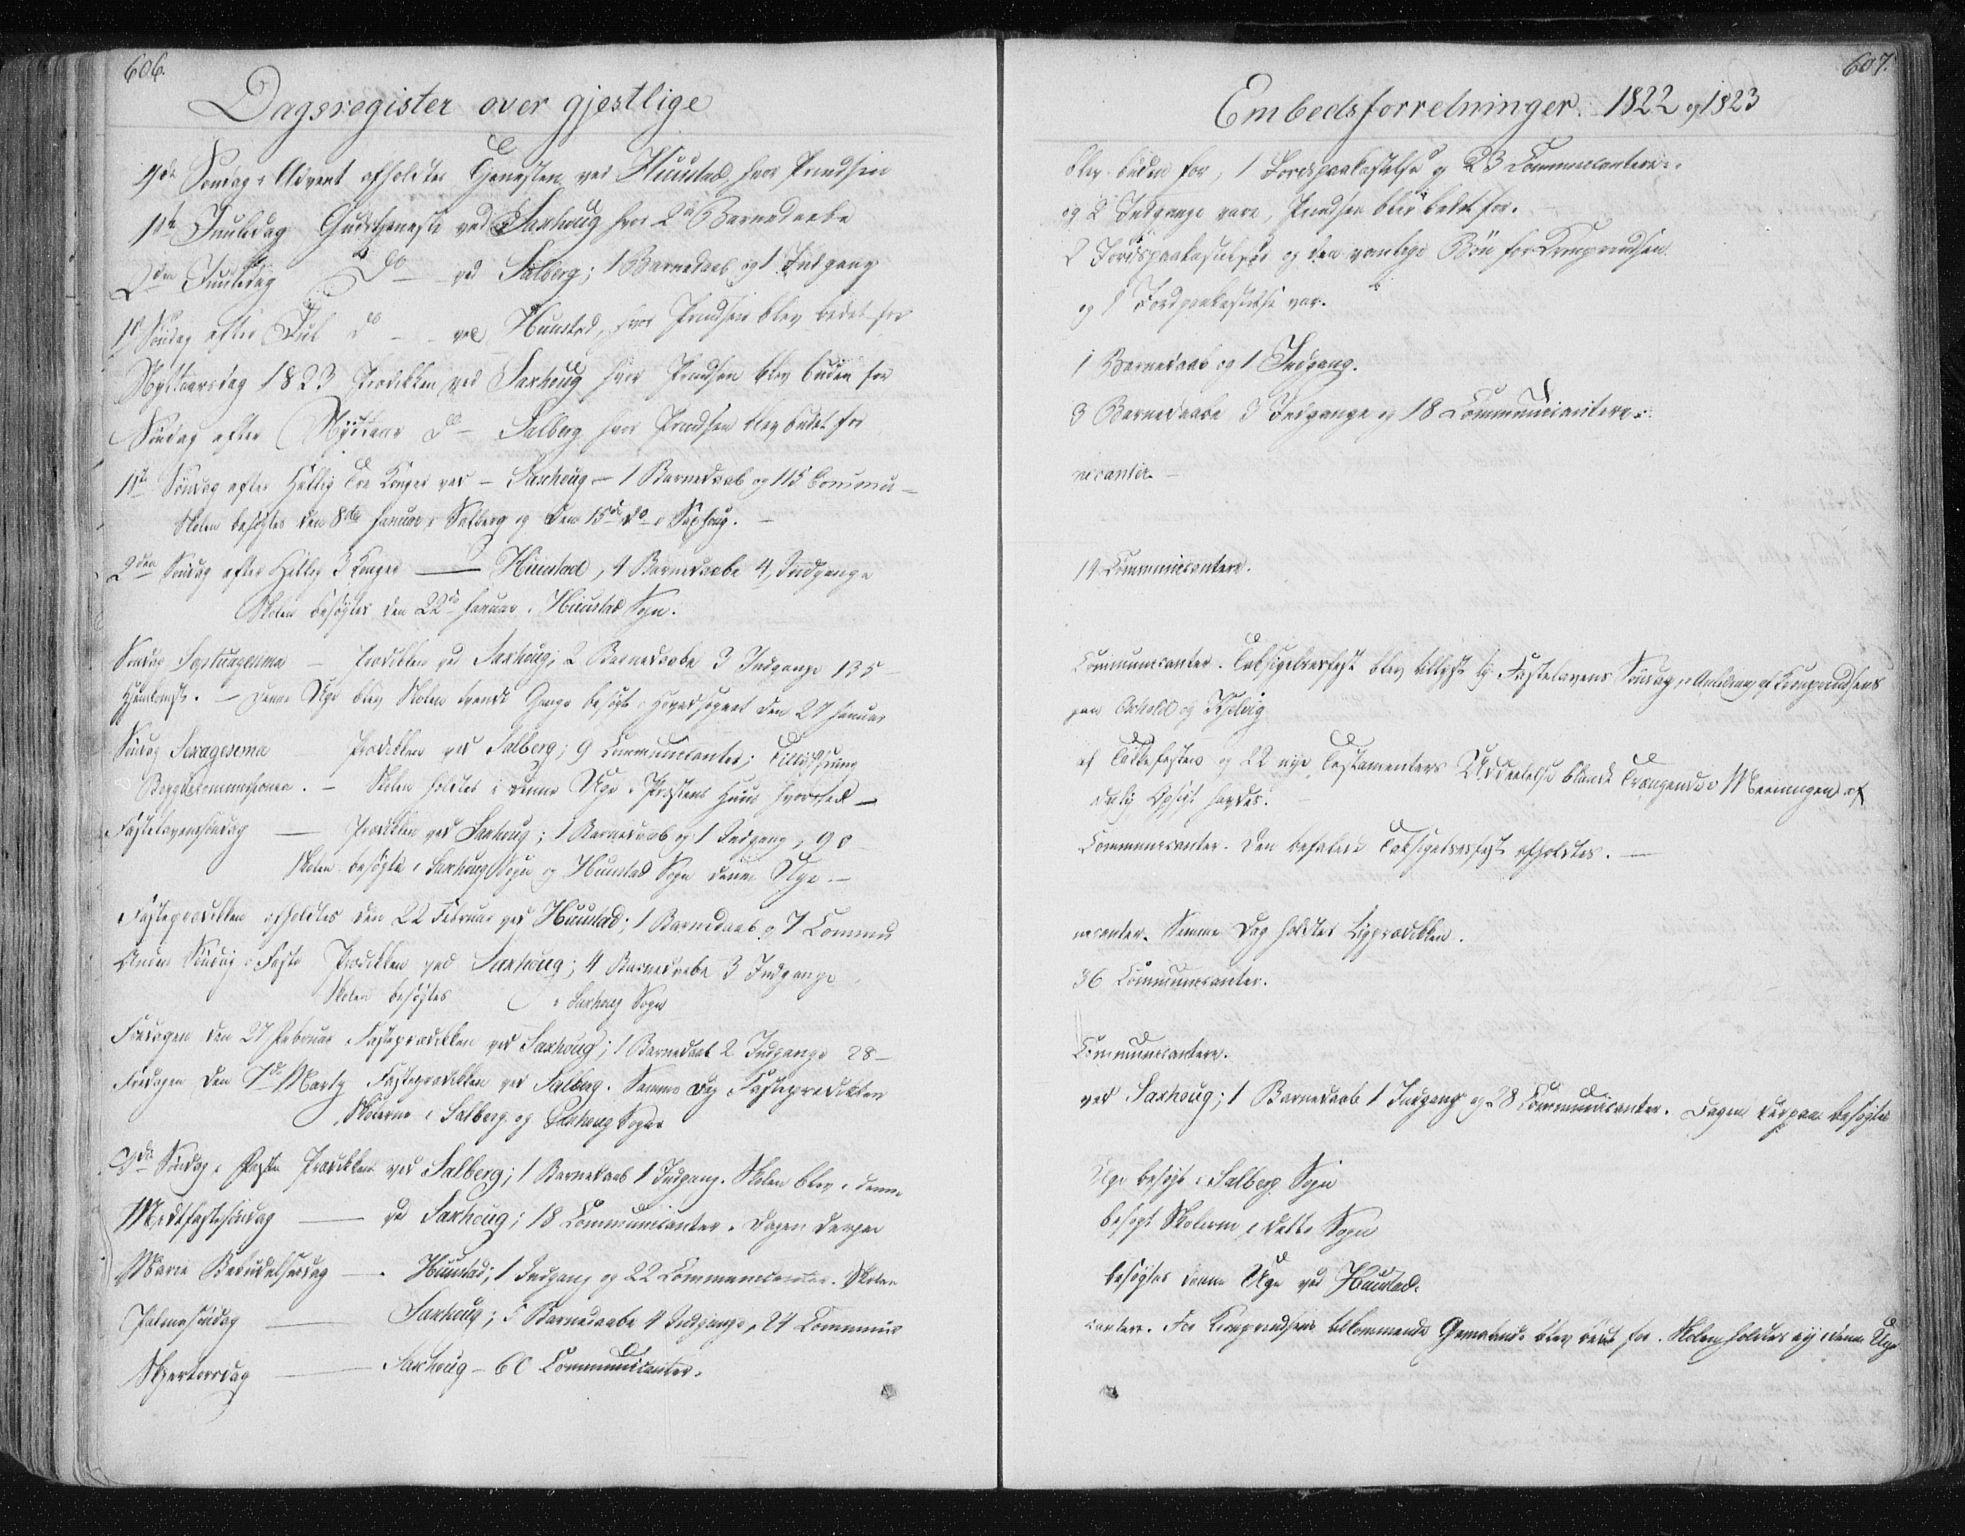 SAT, Ministerialprotokoller, klokkerbøker og fødselsregistre - Nord-Trøndelag, 730/L0276: Ministerialbok nr. 730A05, 1822-1830, s. 606-607